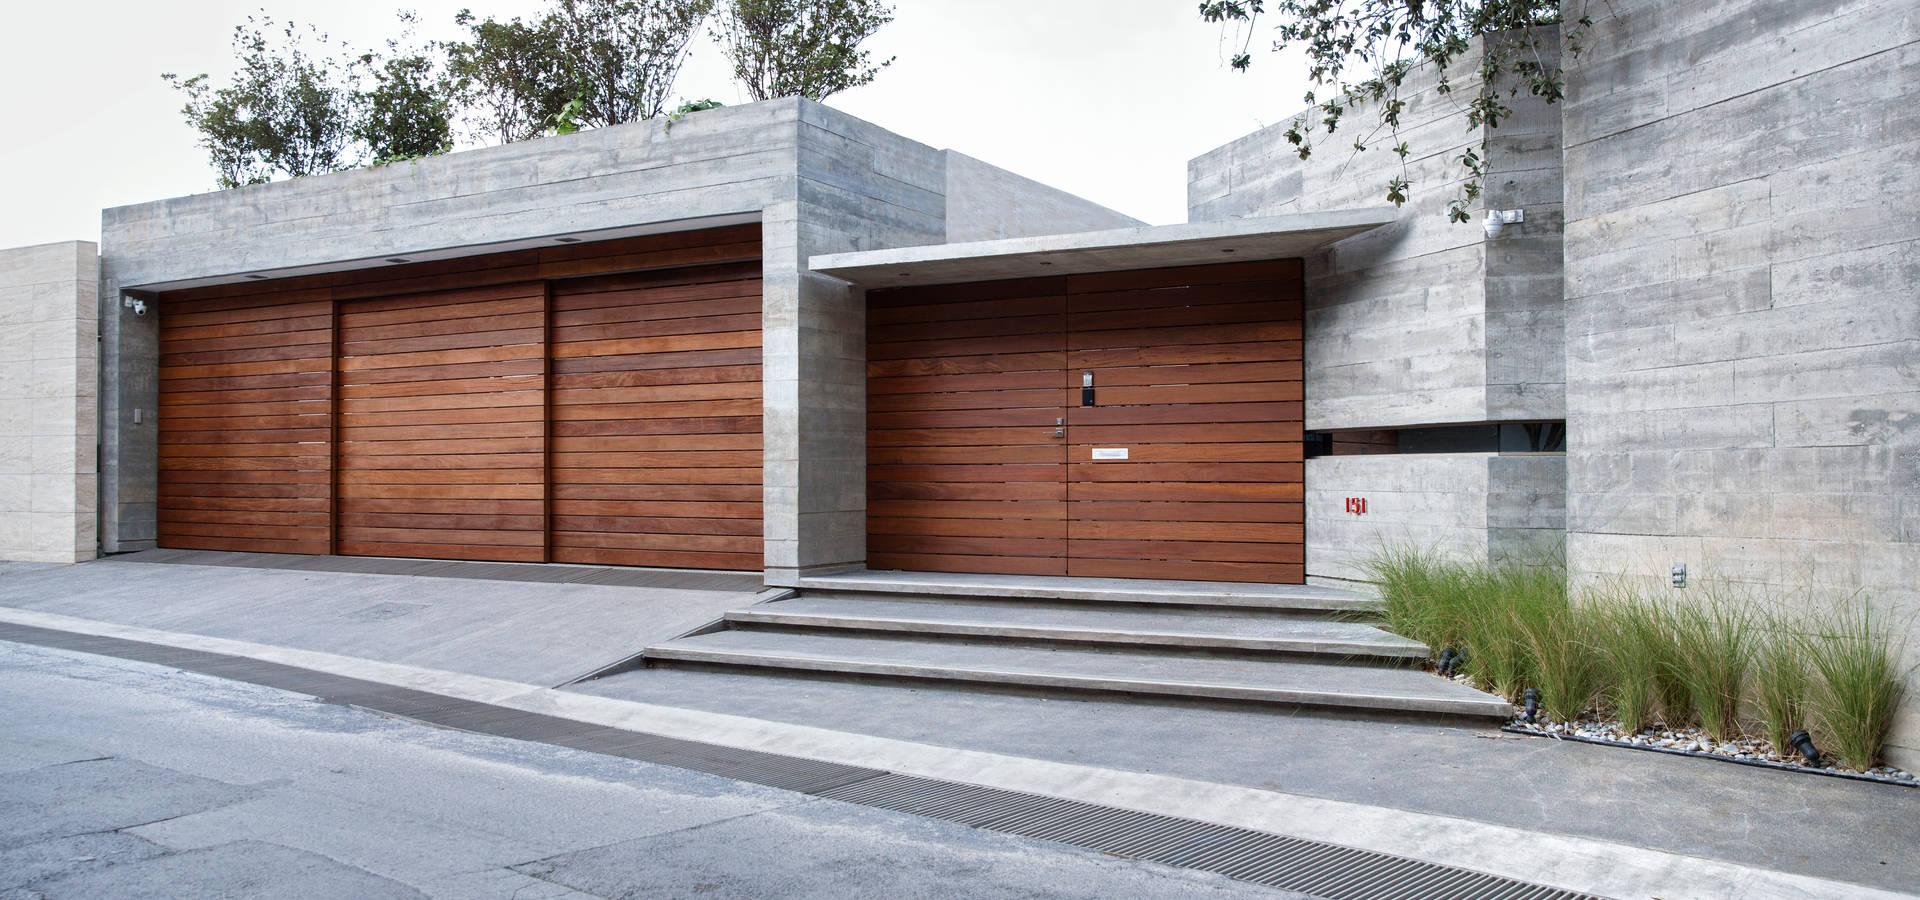 Landa suberville arquitectos en monterrey nuevo le n - Arquitectos en leon ...